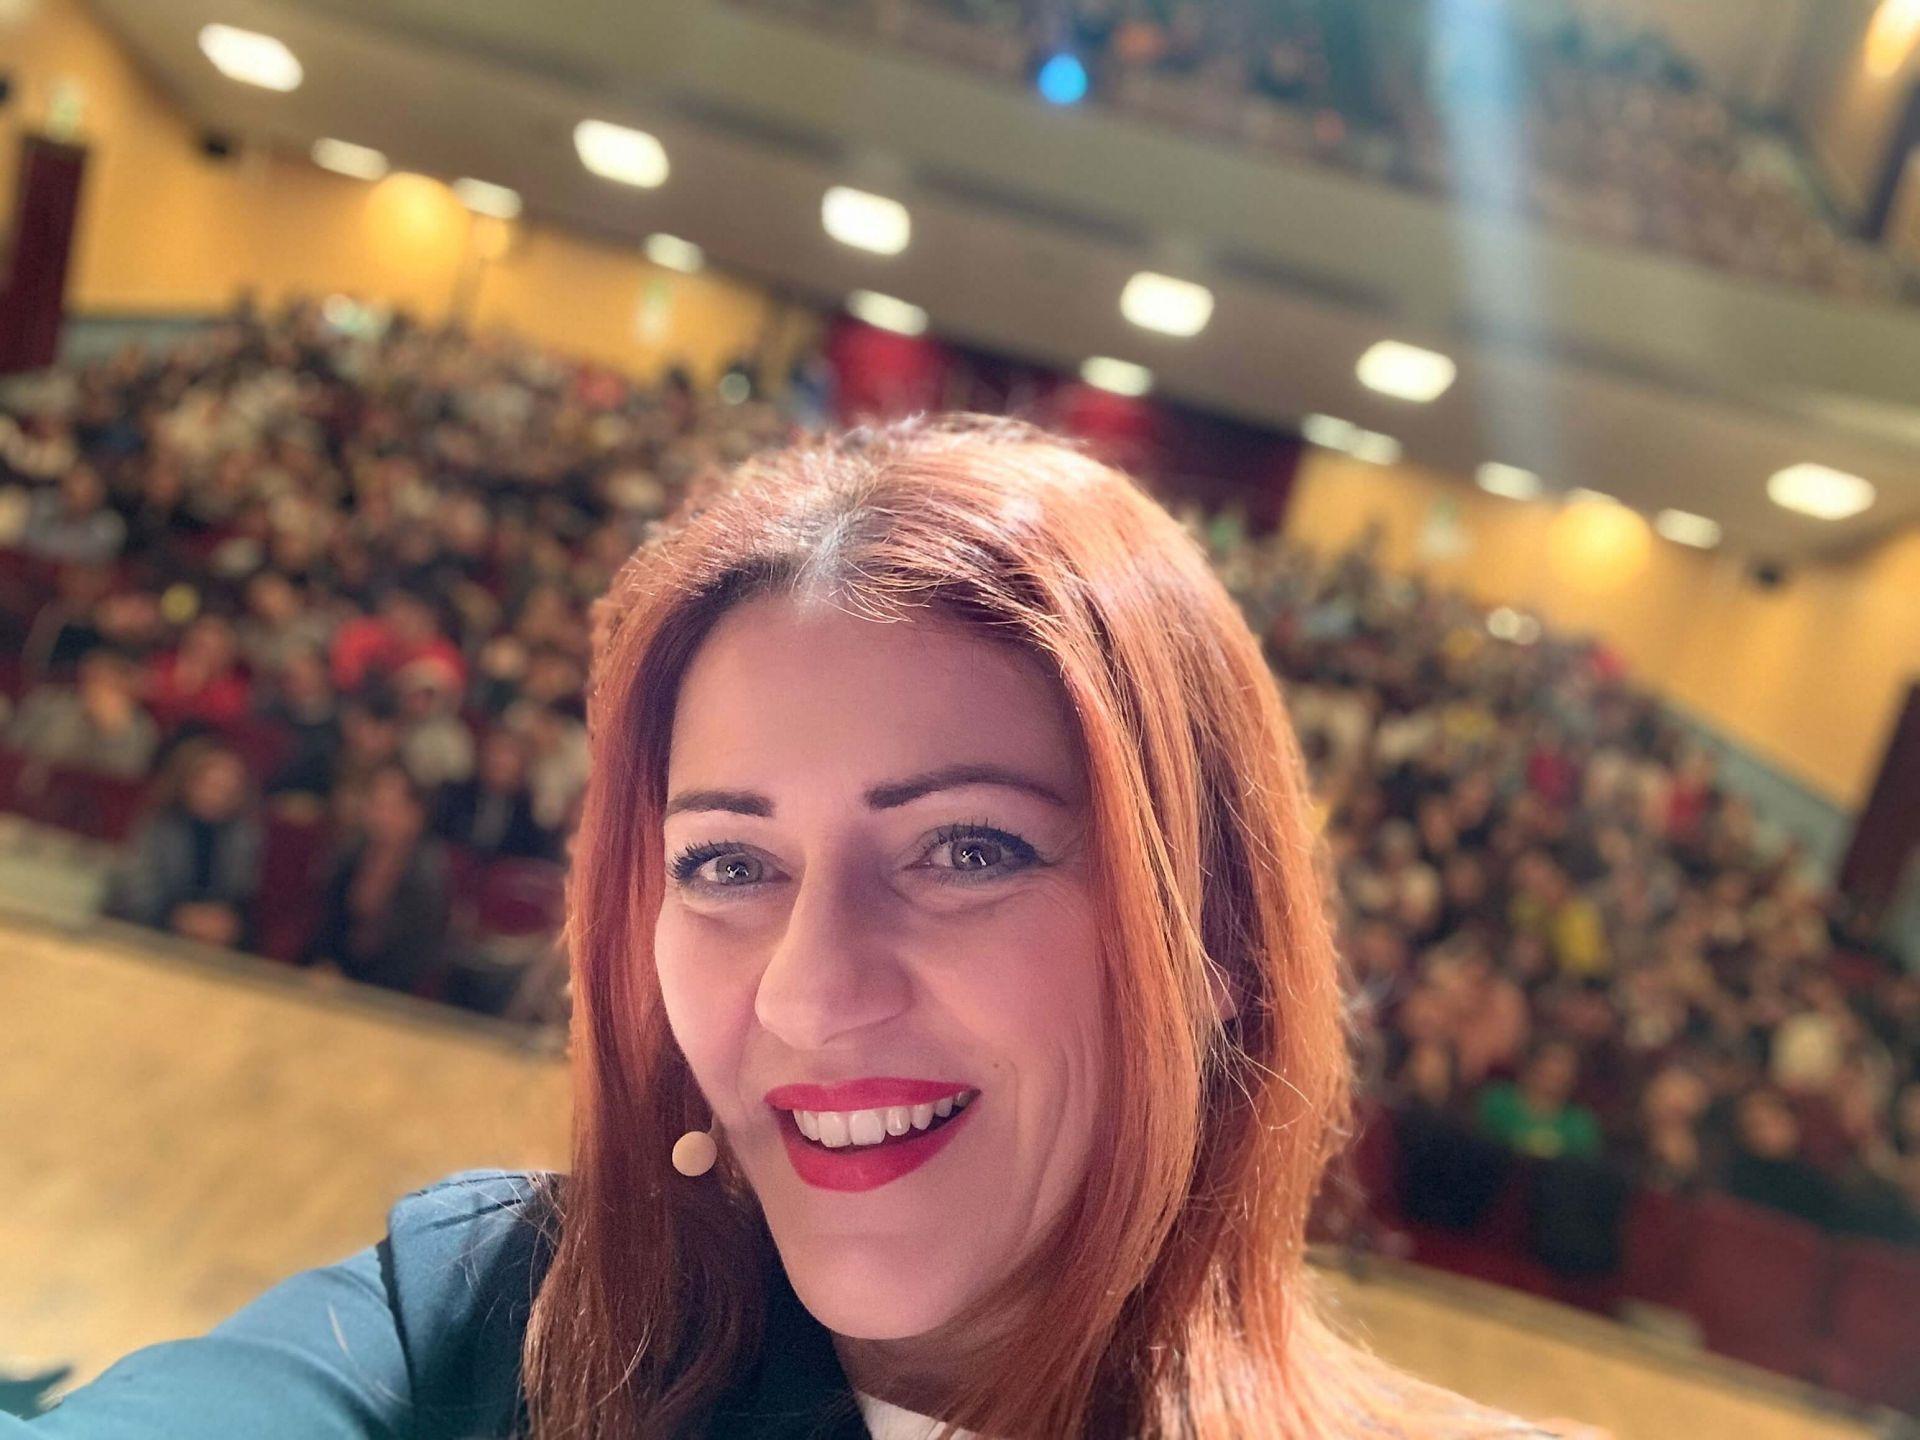 Al Teatro Astra di Schio con il mio spettacolo LA LEGGENDARIA STORIA DI HEISENBERG E DEI FISICI DI FARM HALL con 800 ragazzi…bellissimi!